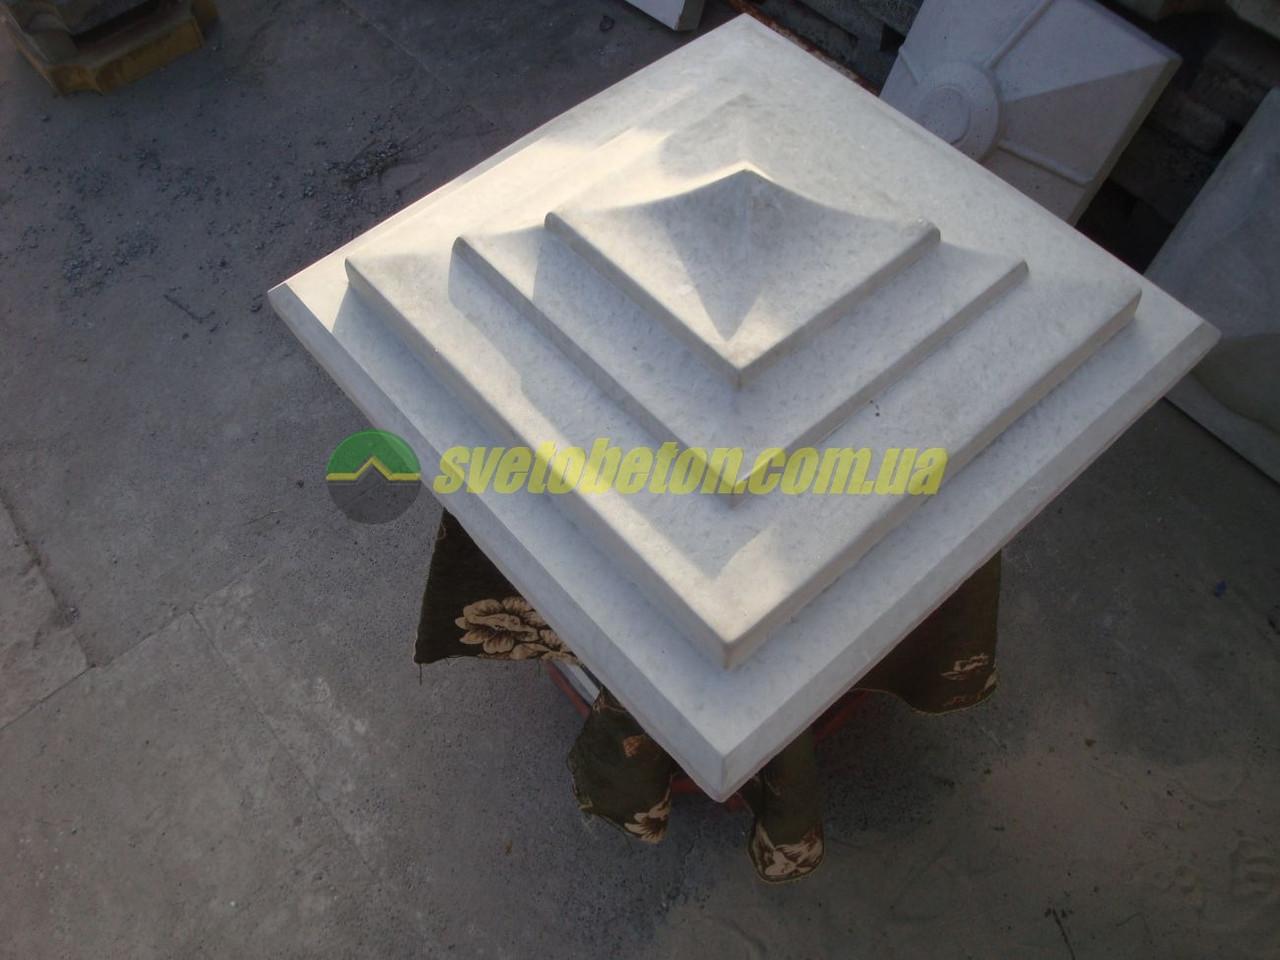 Крышка колпак на столб забора бетонная большая, шляпка 550х550, накрытие парапета колонны из бетона.